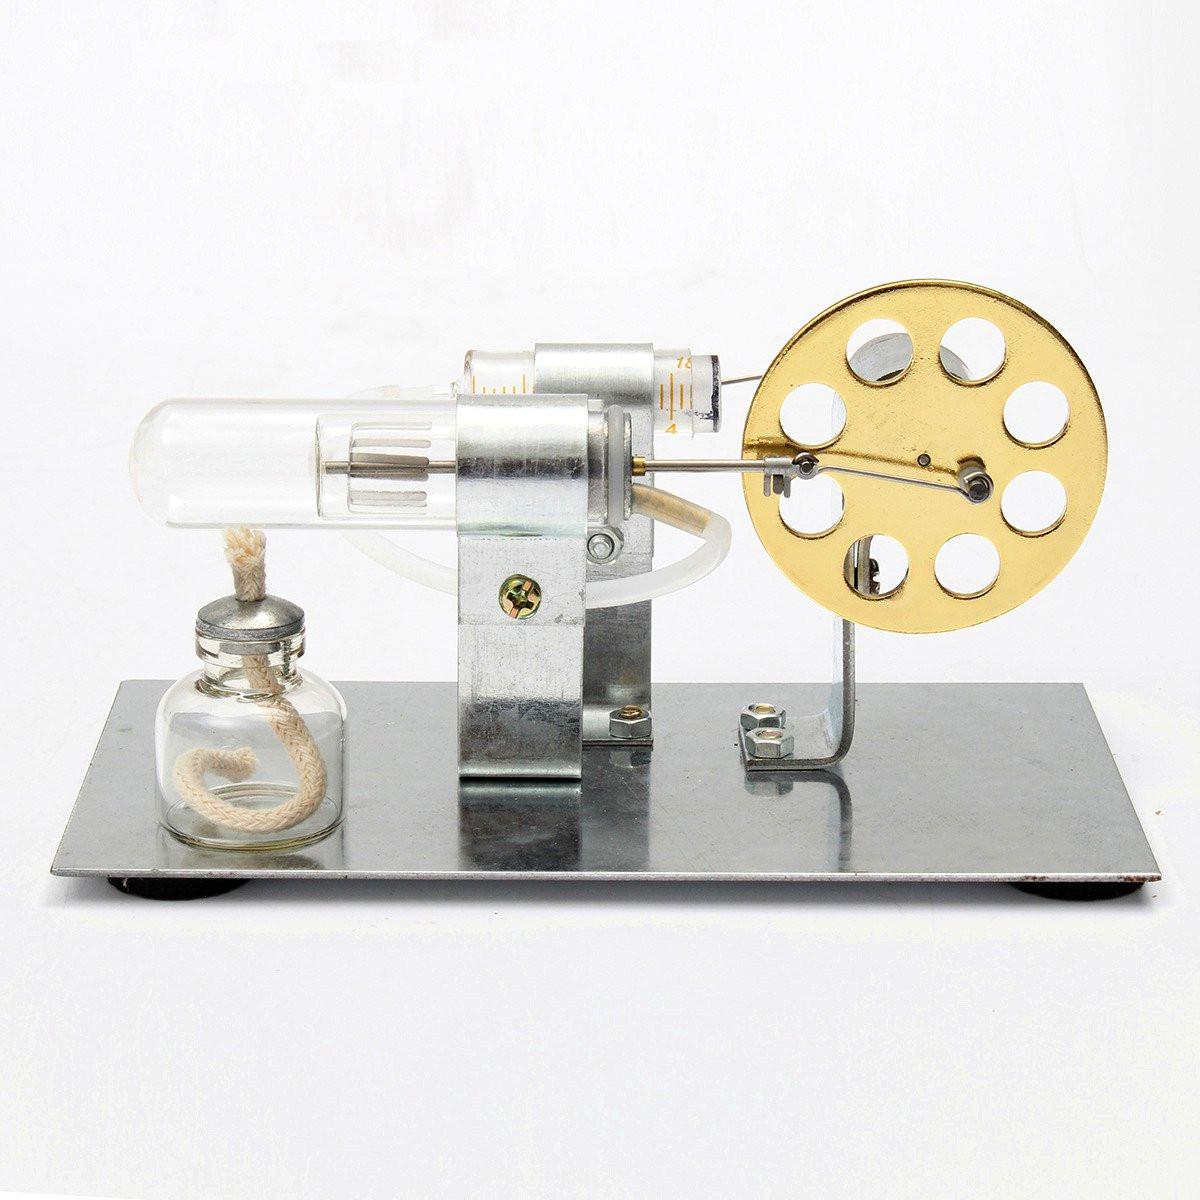 Mini Hot Air Stirling Engine Model Engine Model DIY Sci